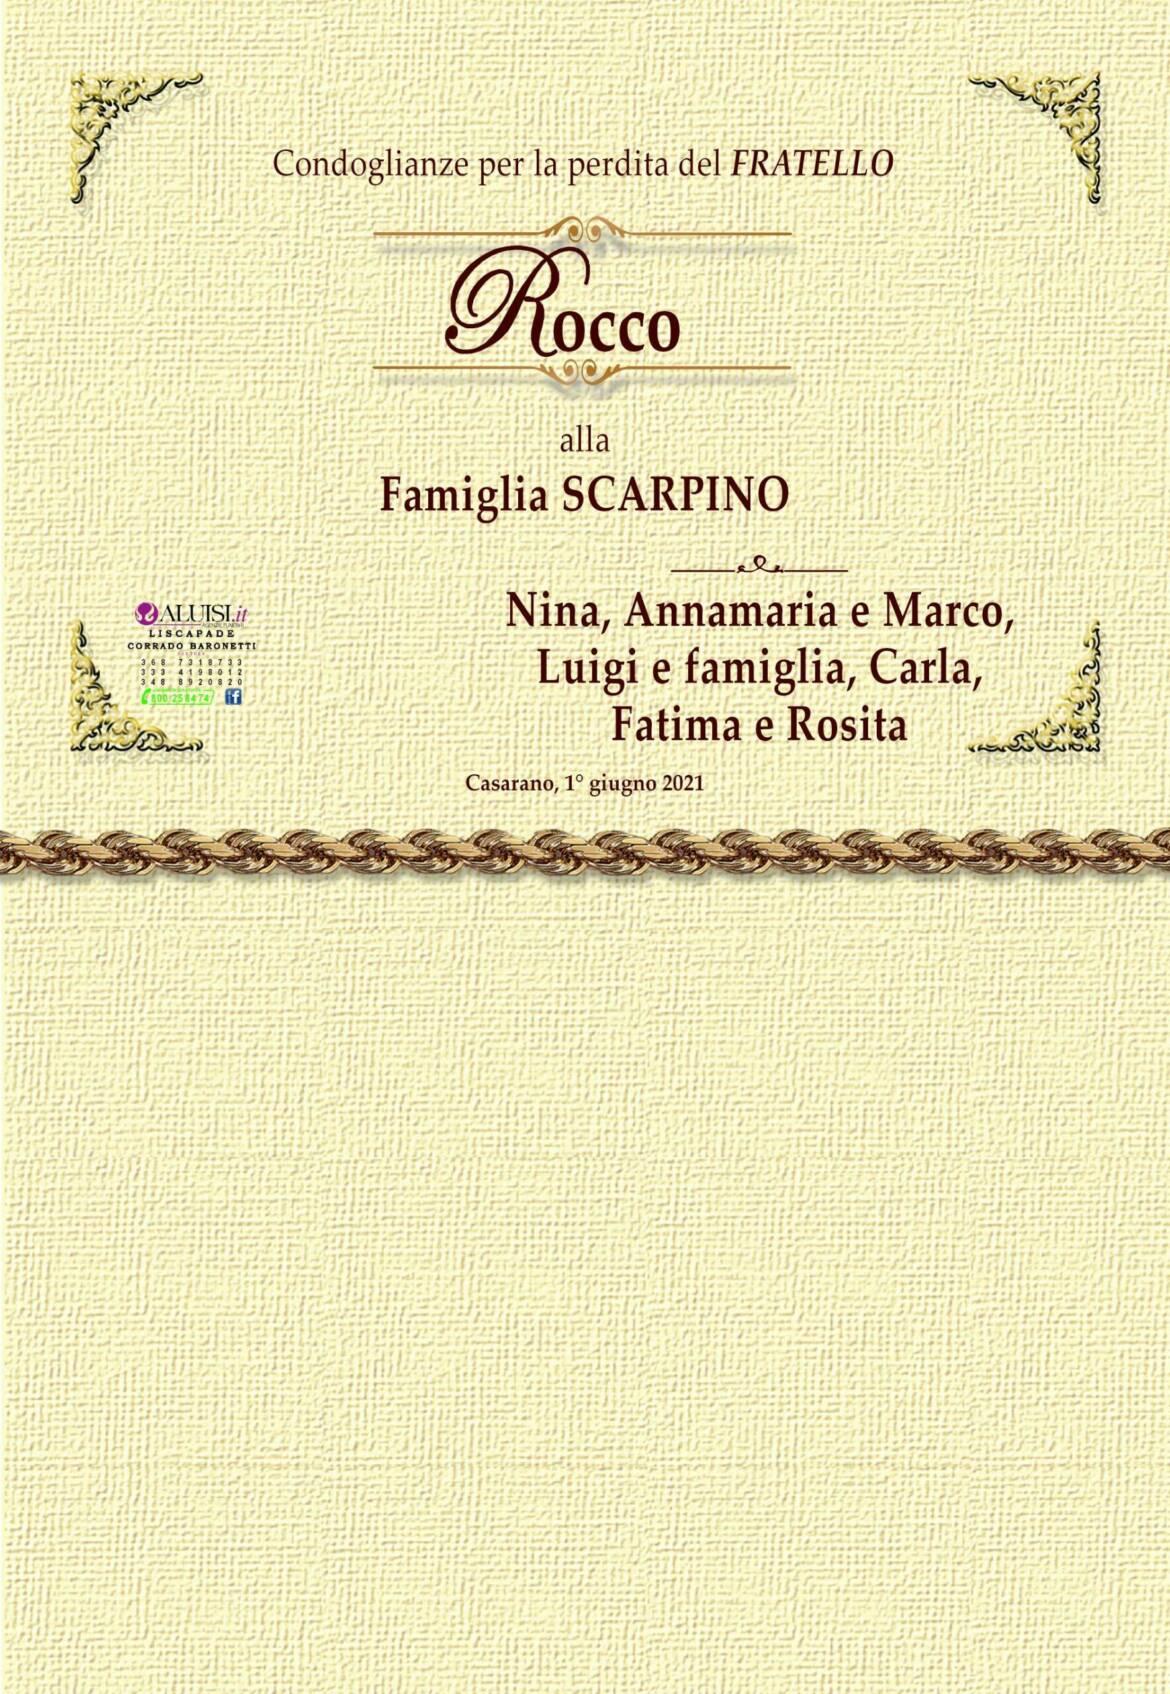 PARTECIPAZIONI-casarano-rocco-scarpino-2-scaled.jpg